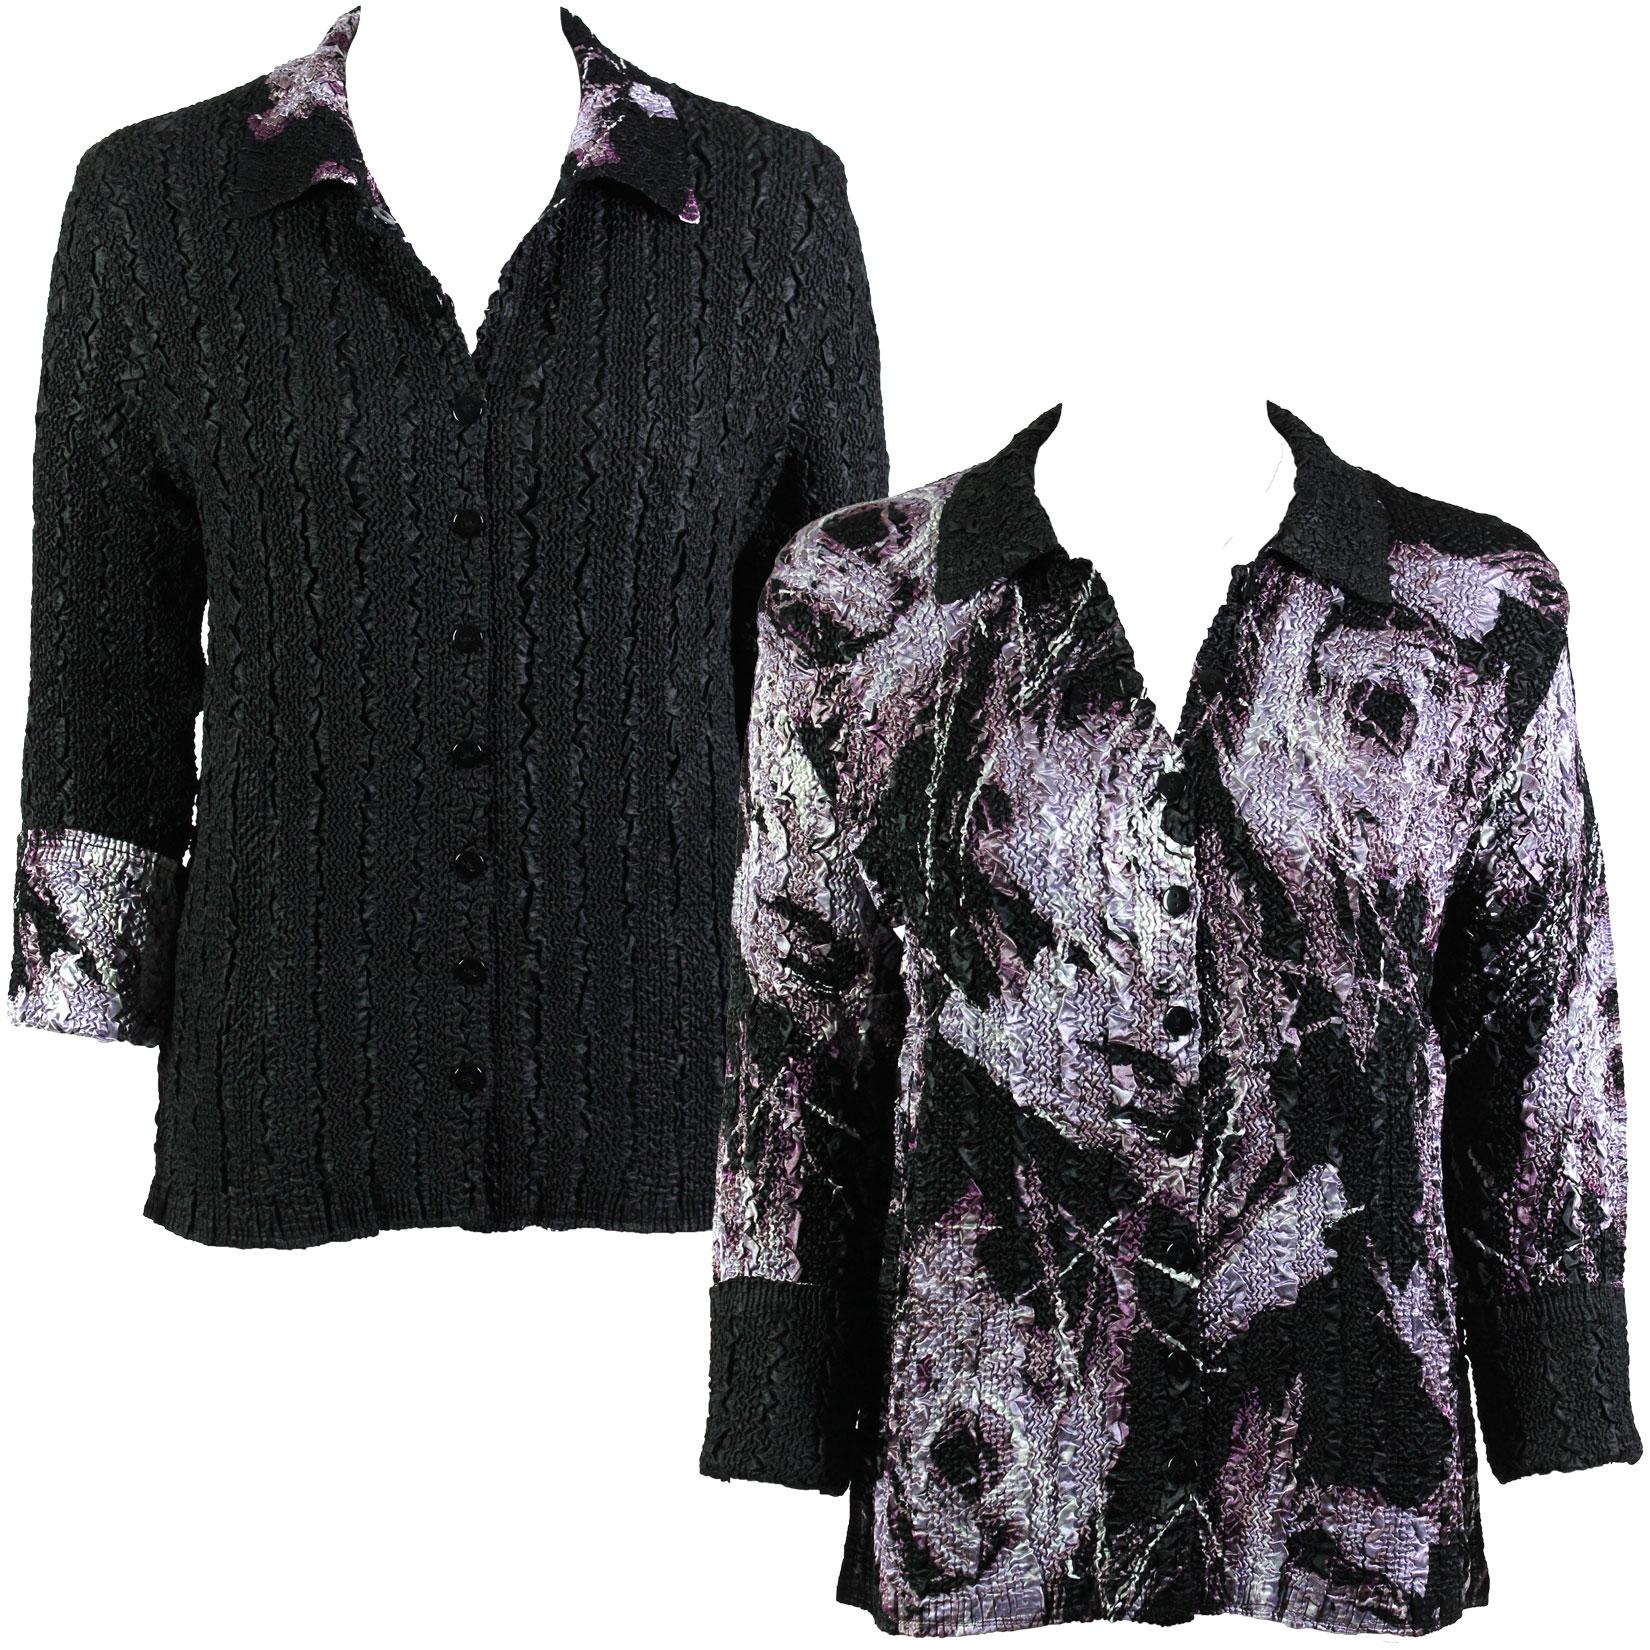 Wholesale Magic Crush - Reversible Jackets Brushstrokes Black-Purple reverses to Solid Black #9065 - L-XL